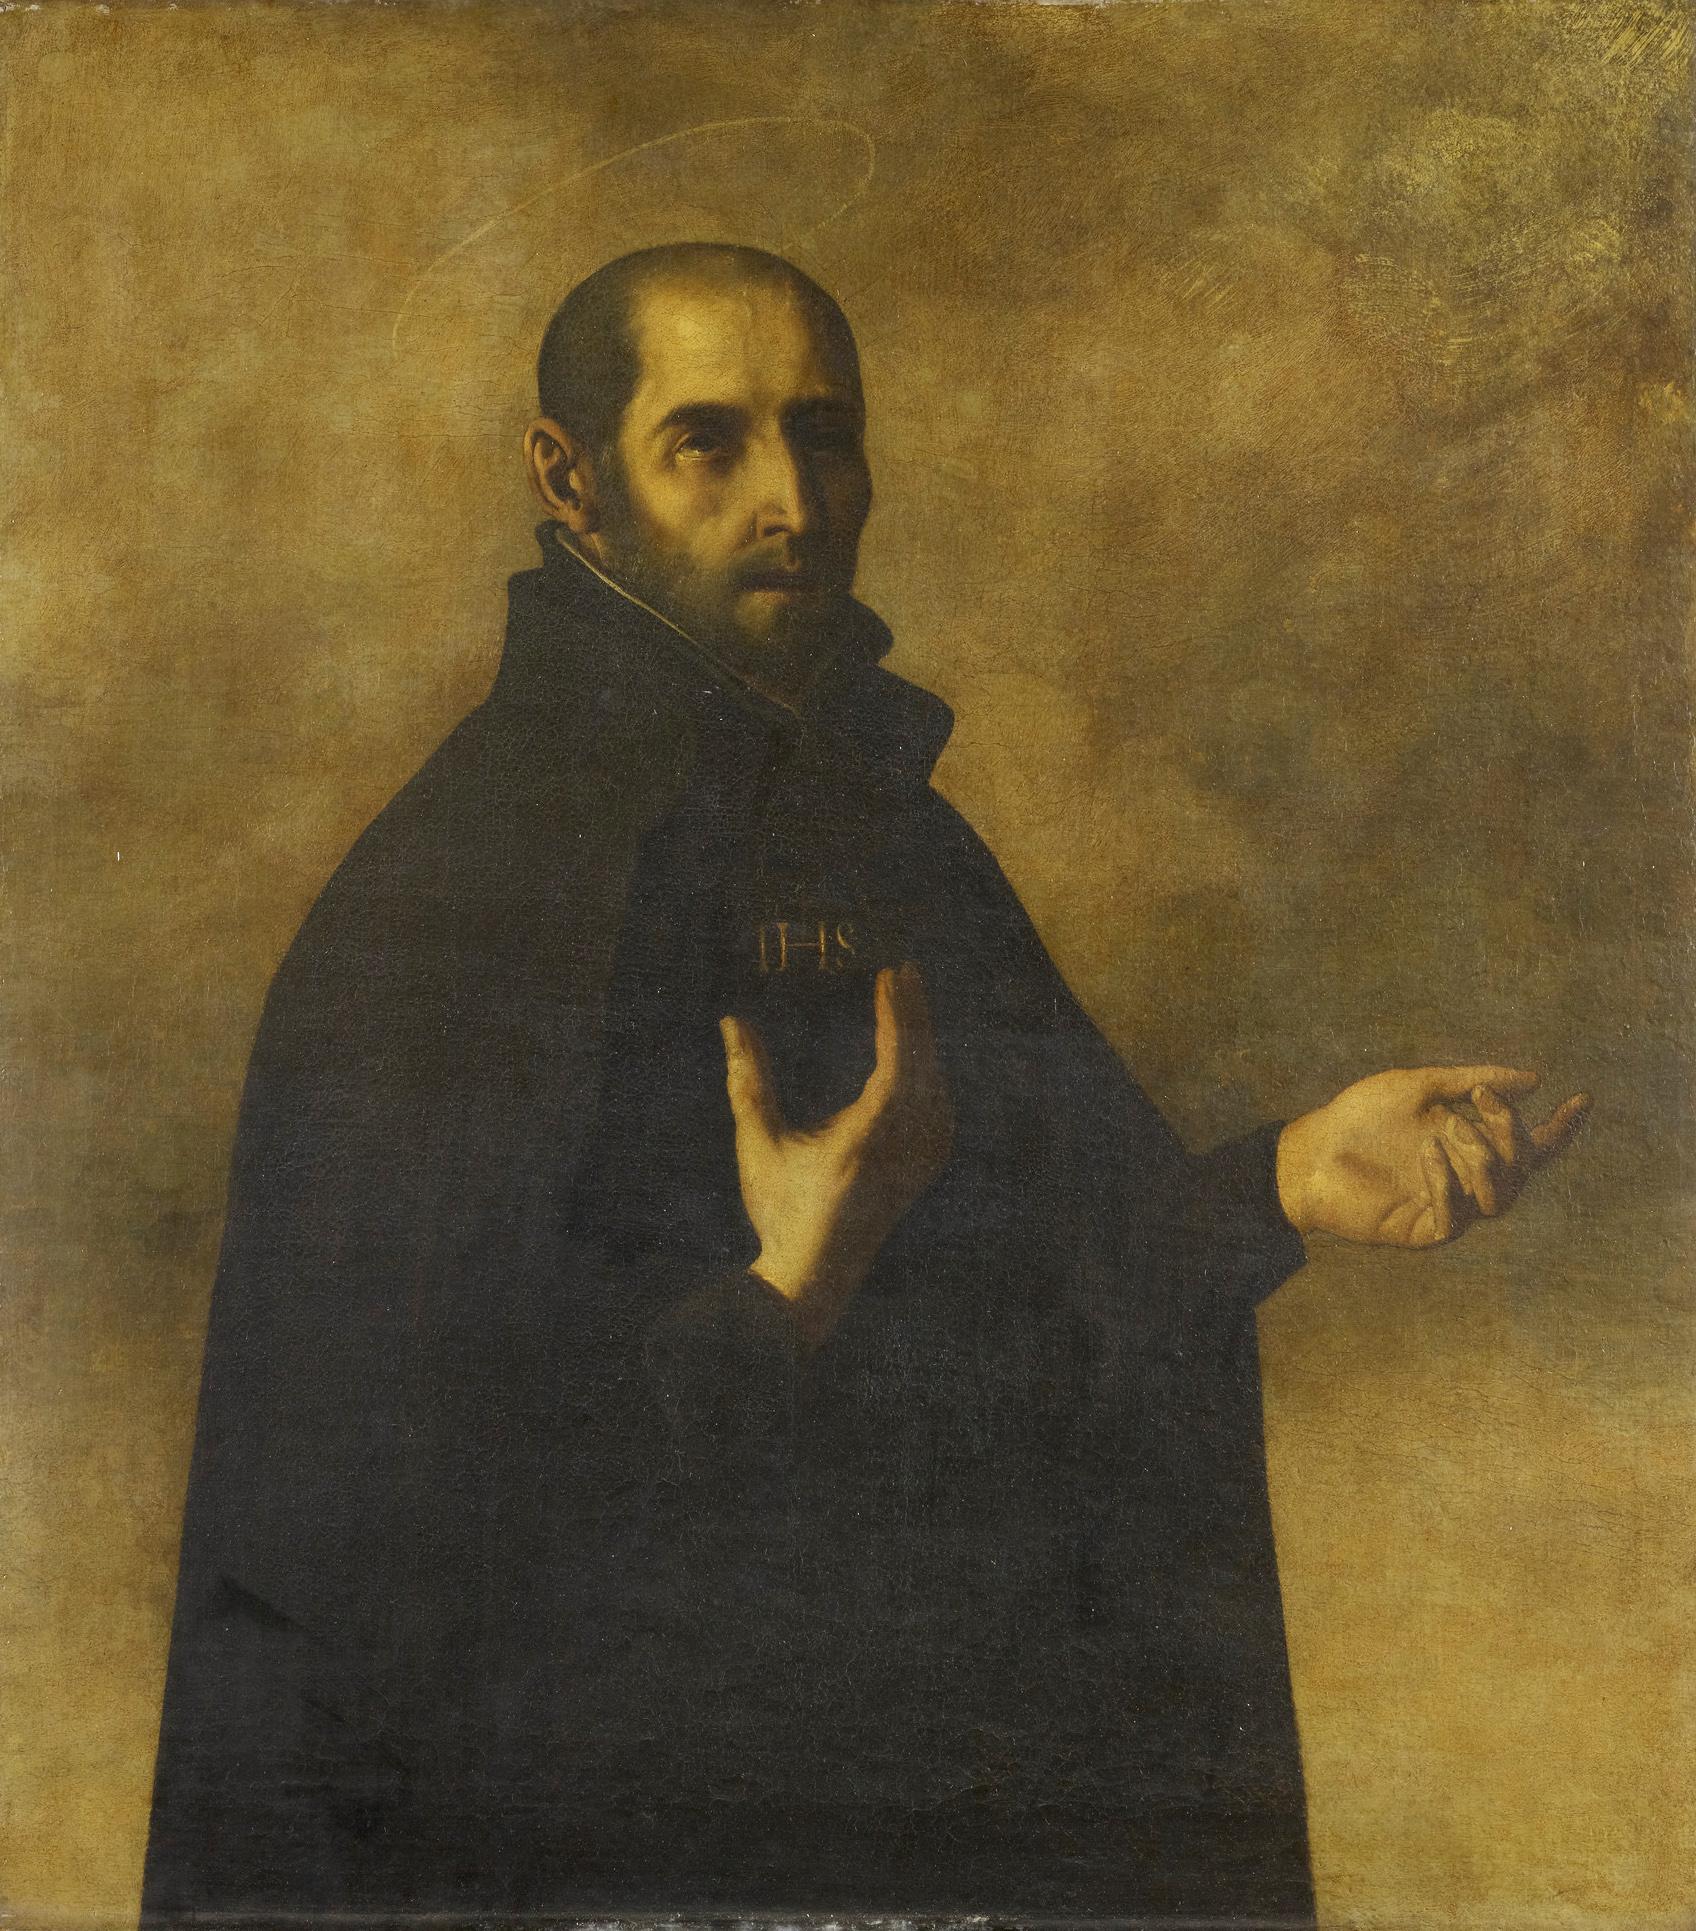 St. Ignatius of Loyola by Francisco Zurbaran